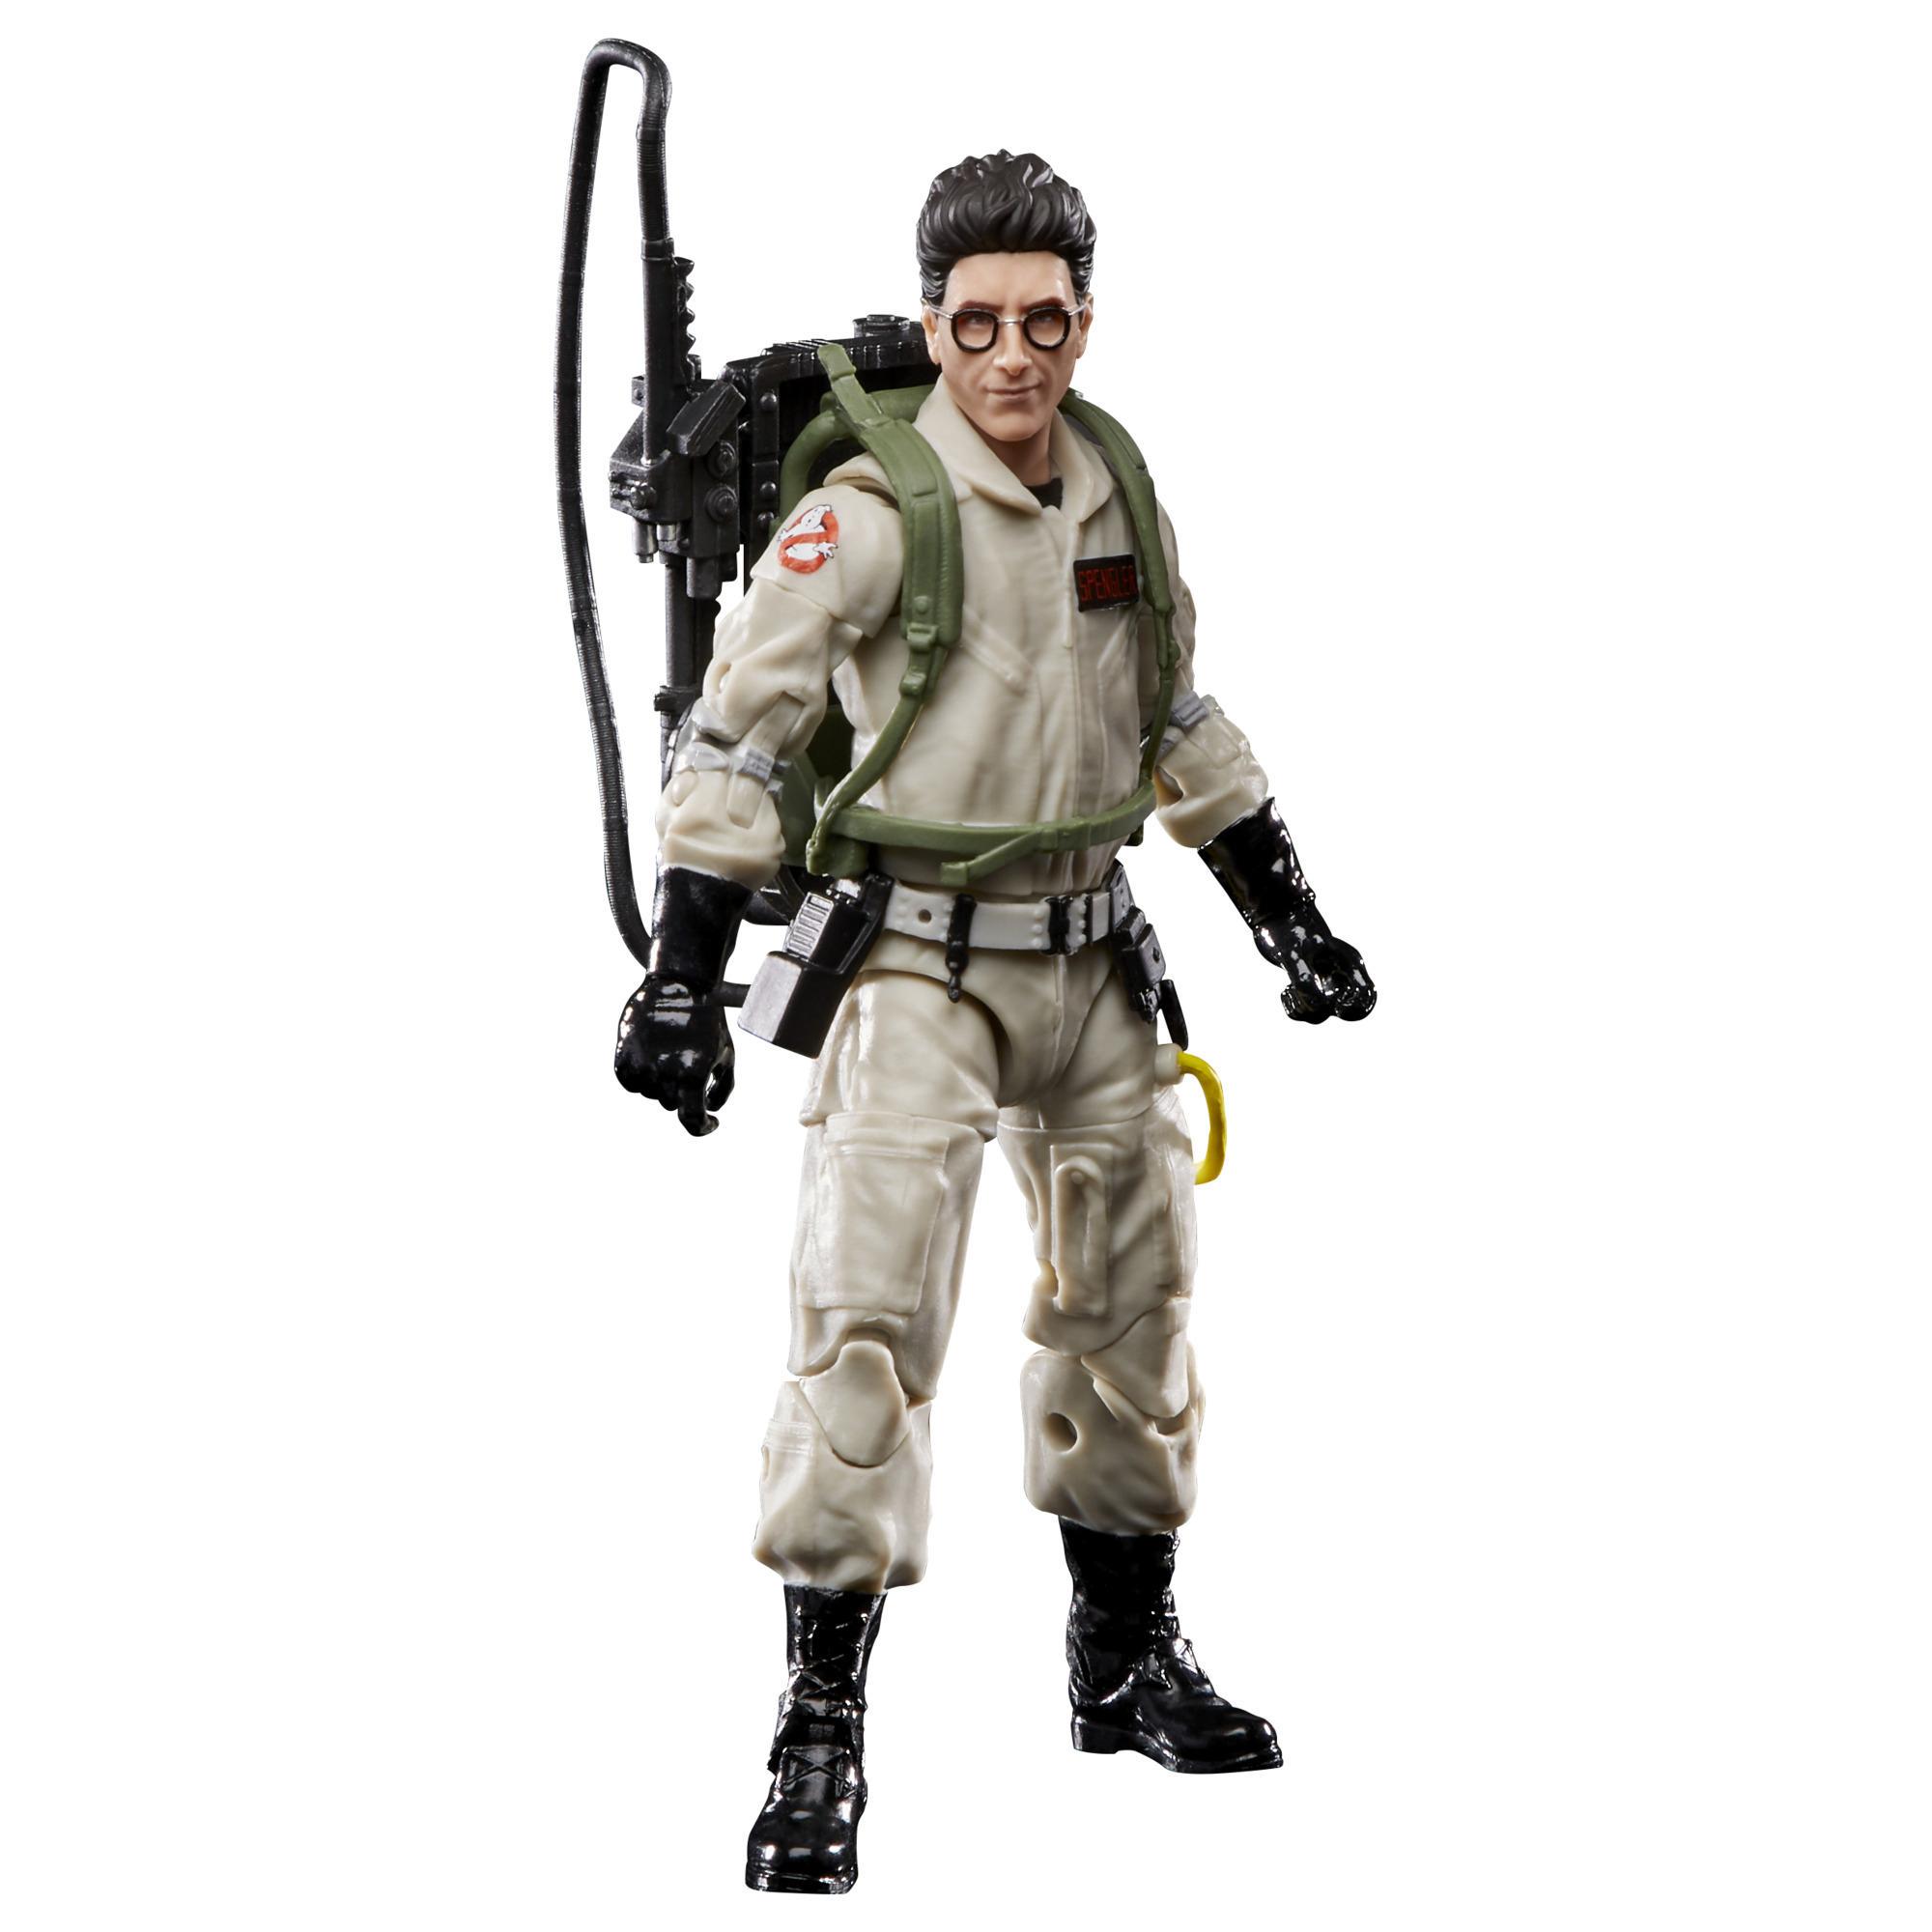 Ghostbusters Plasma Series - Egon Spengler (Action figure 15 cm da collezione, Build-A-Ghost Terror Dog, ispirata al film Ghostbusters del 1984)